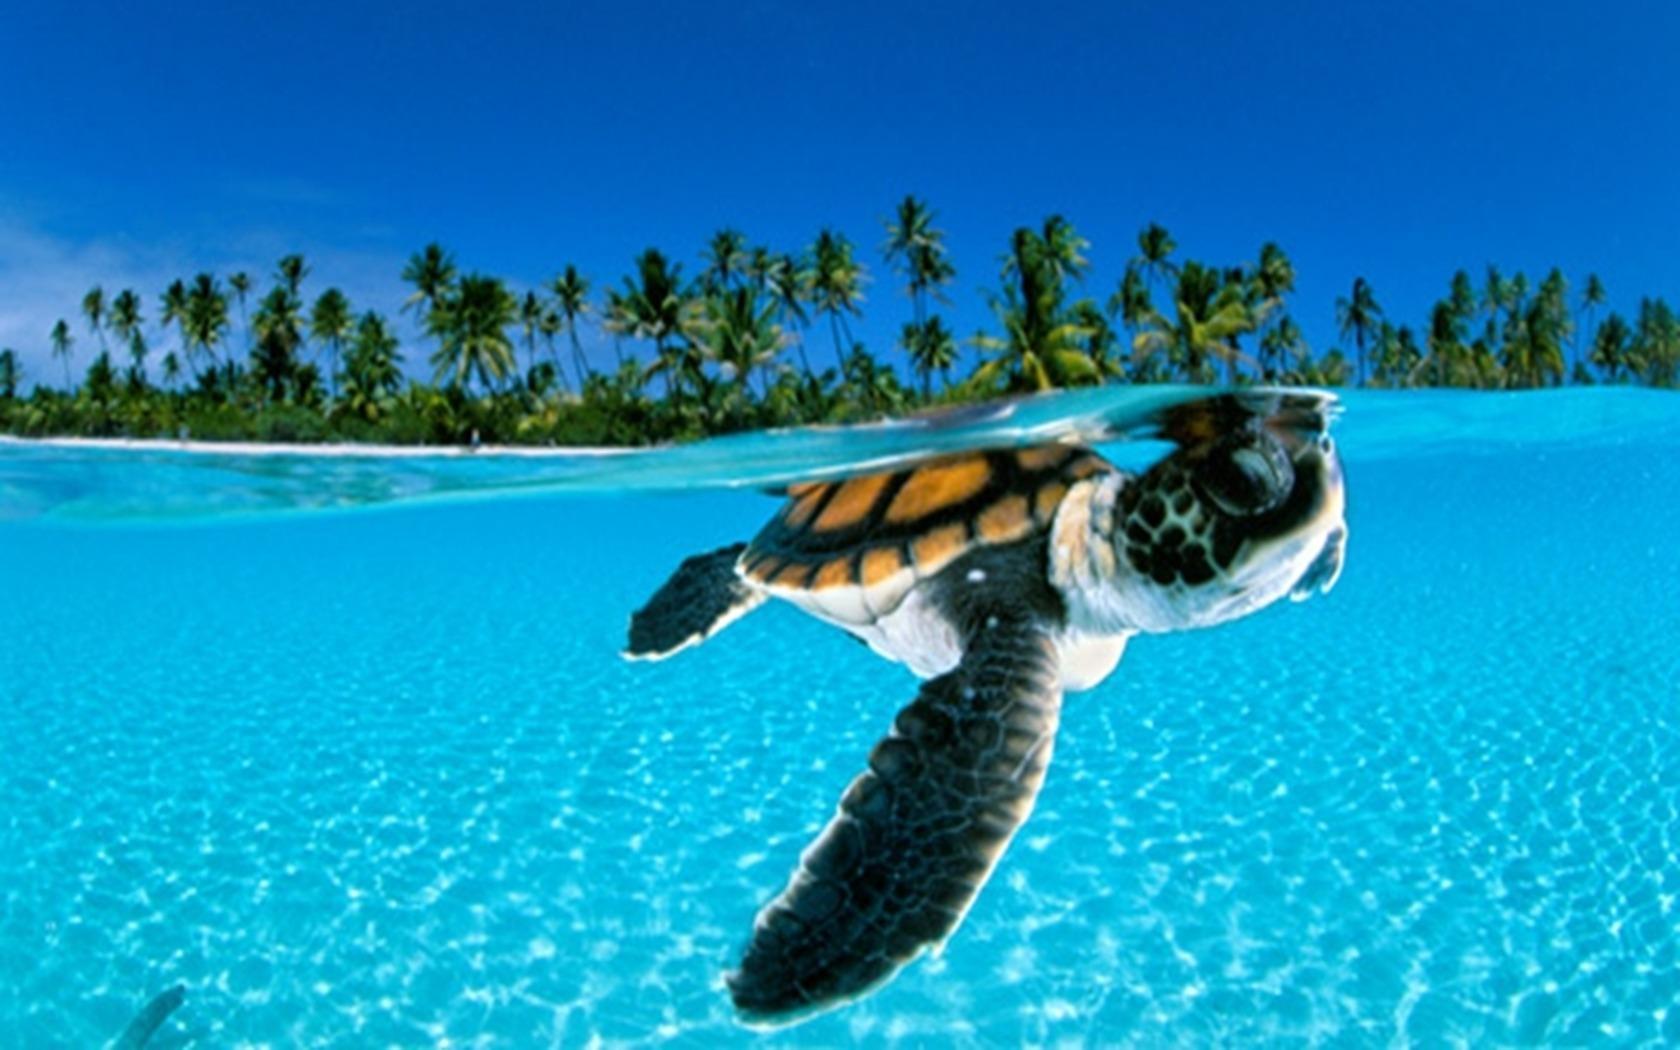 18065 скачать обои Животные, Черепахи, Море, Пляж, Пальмы - заставки и картинки бесплатно